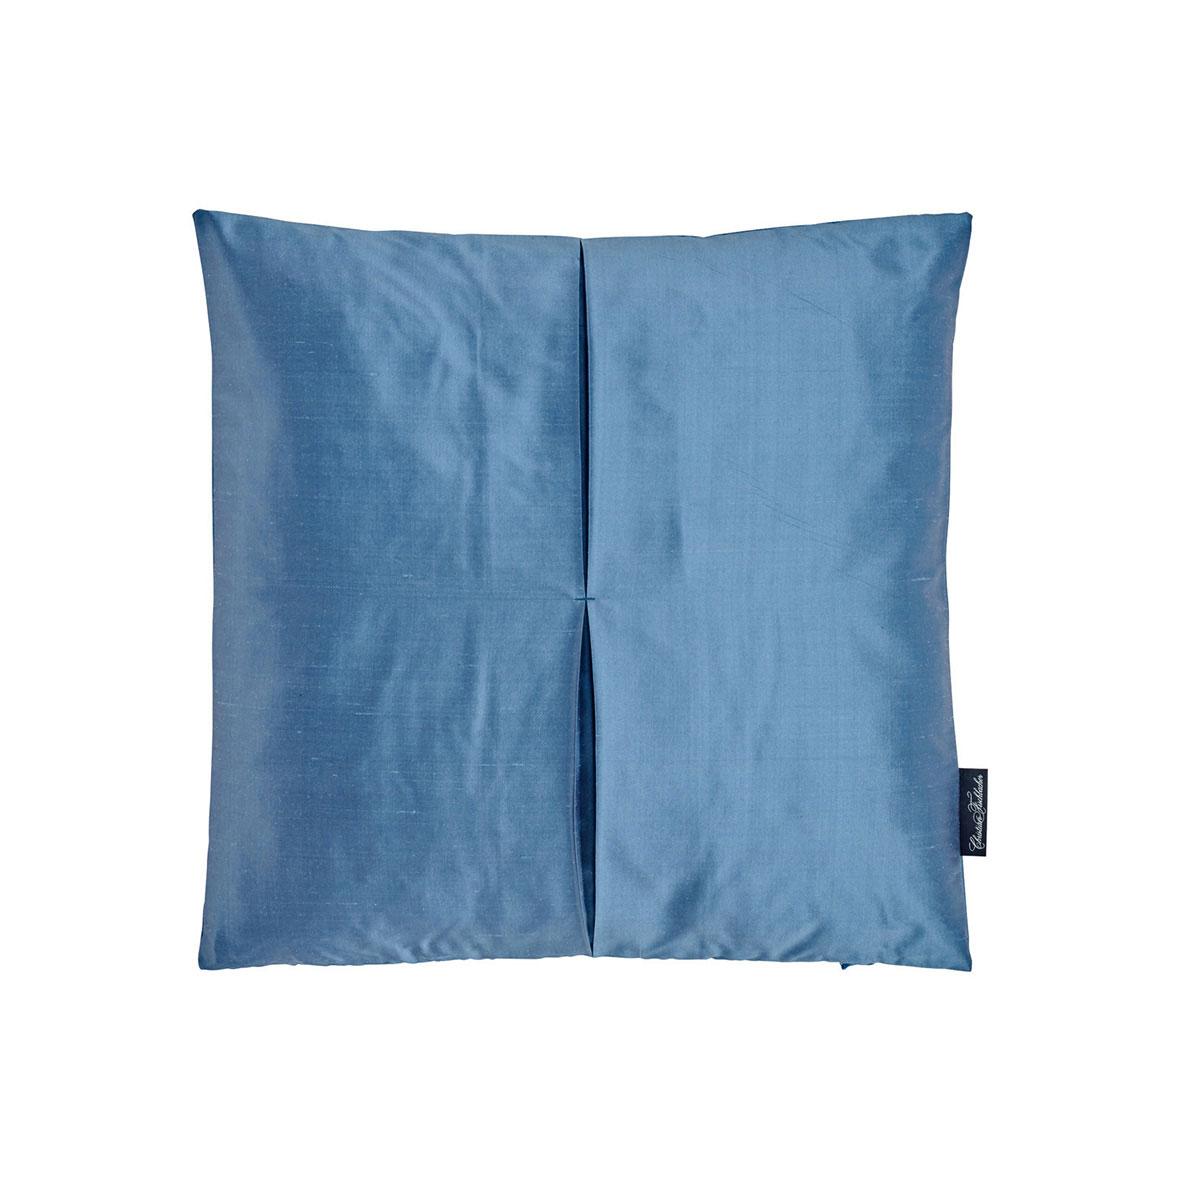 Zierkissen Jamila - Seide - Farbe blau - Christian Fischbacher